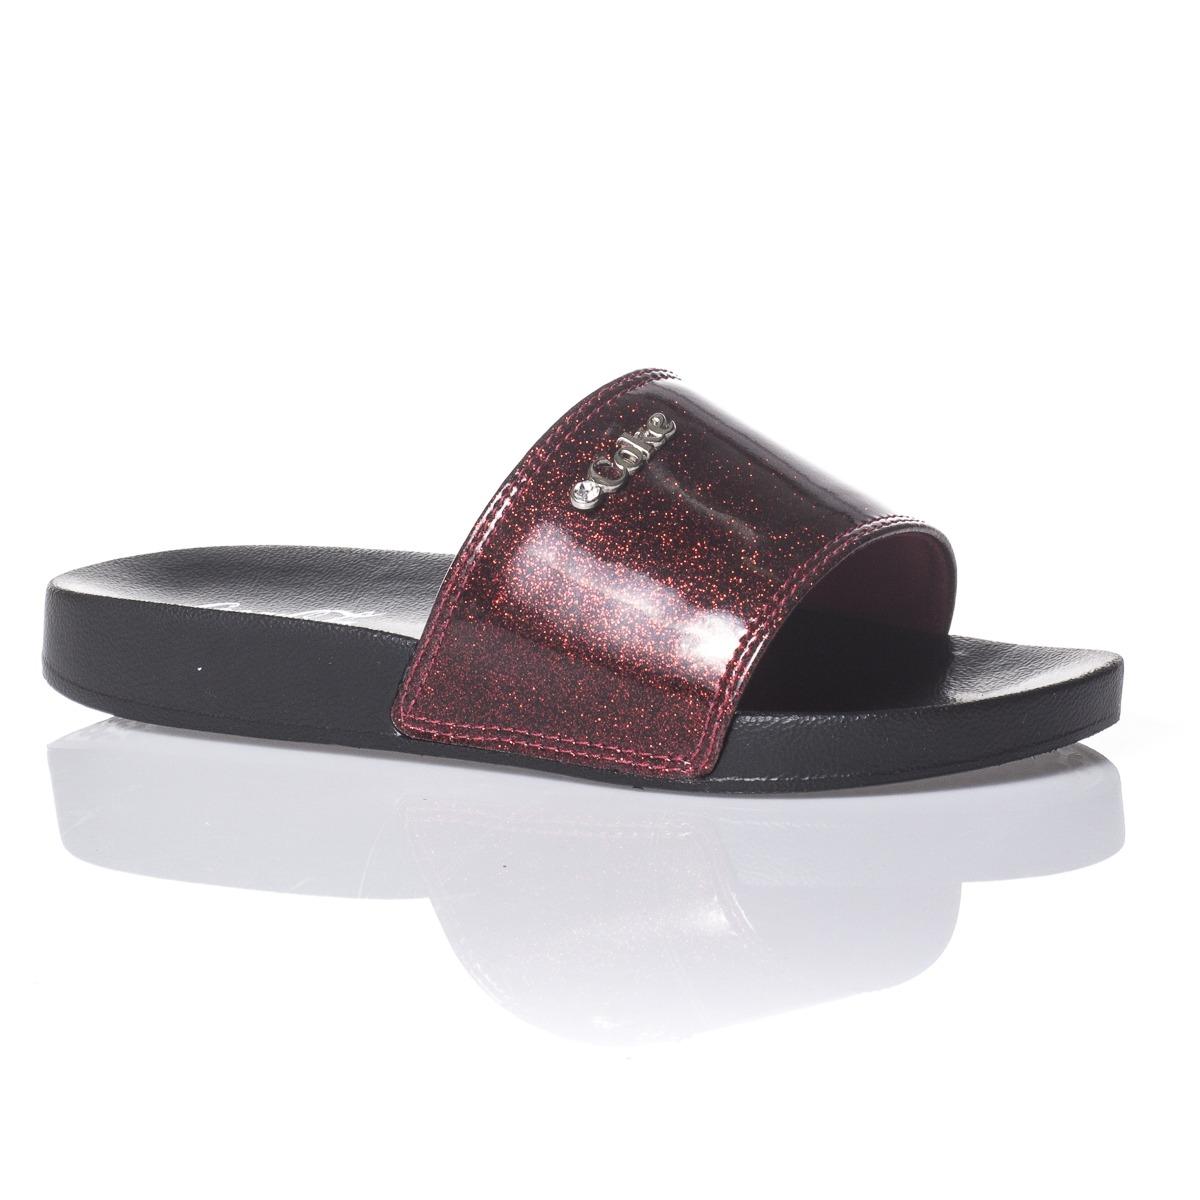 4278d707b chinelo slide coca-cola shoes glitter preto/vermelho. Carregando zoom.